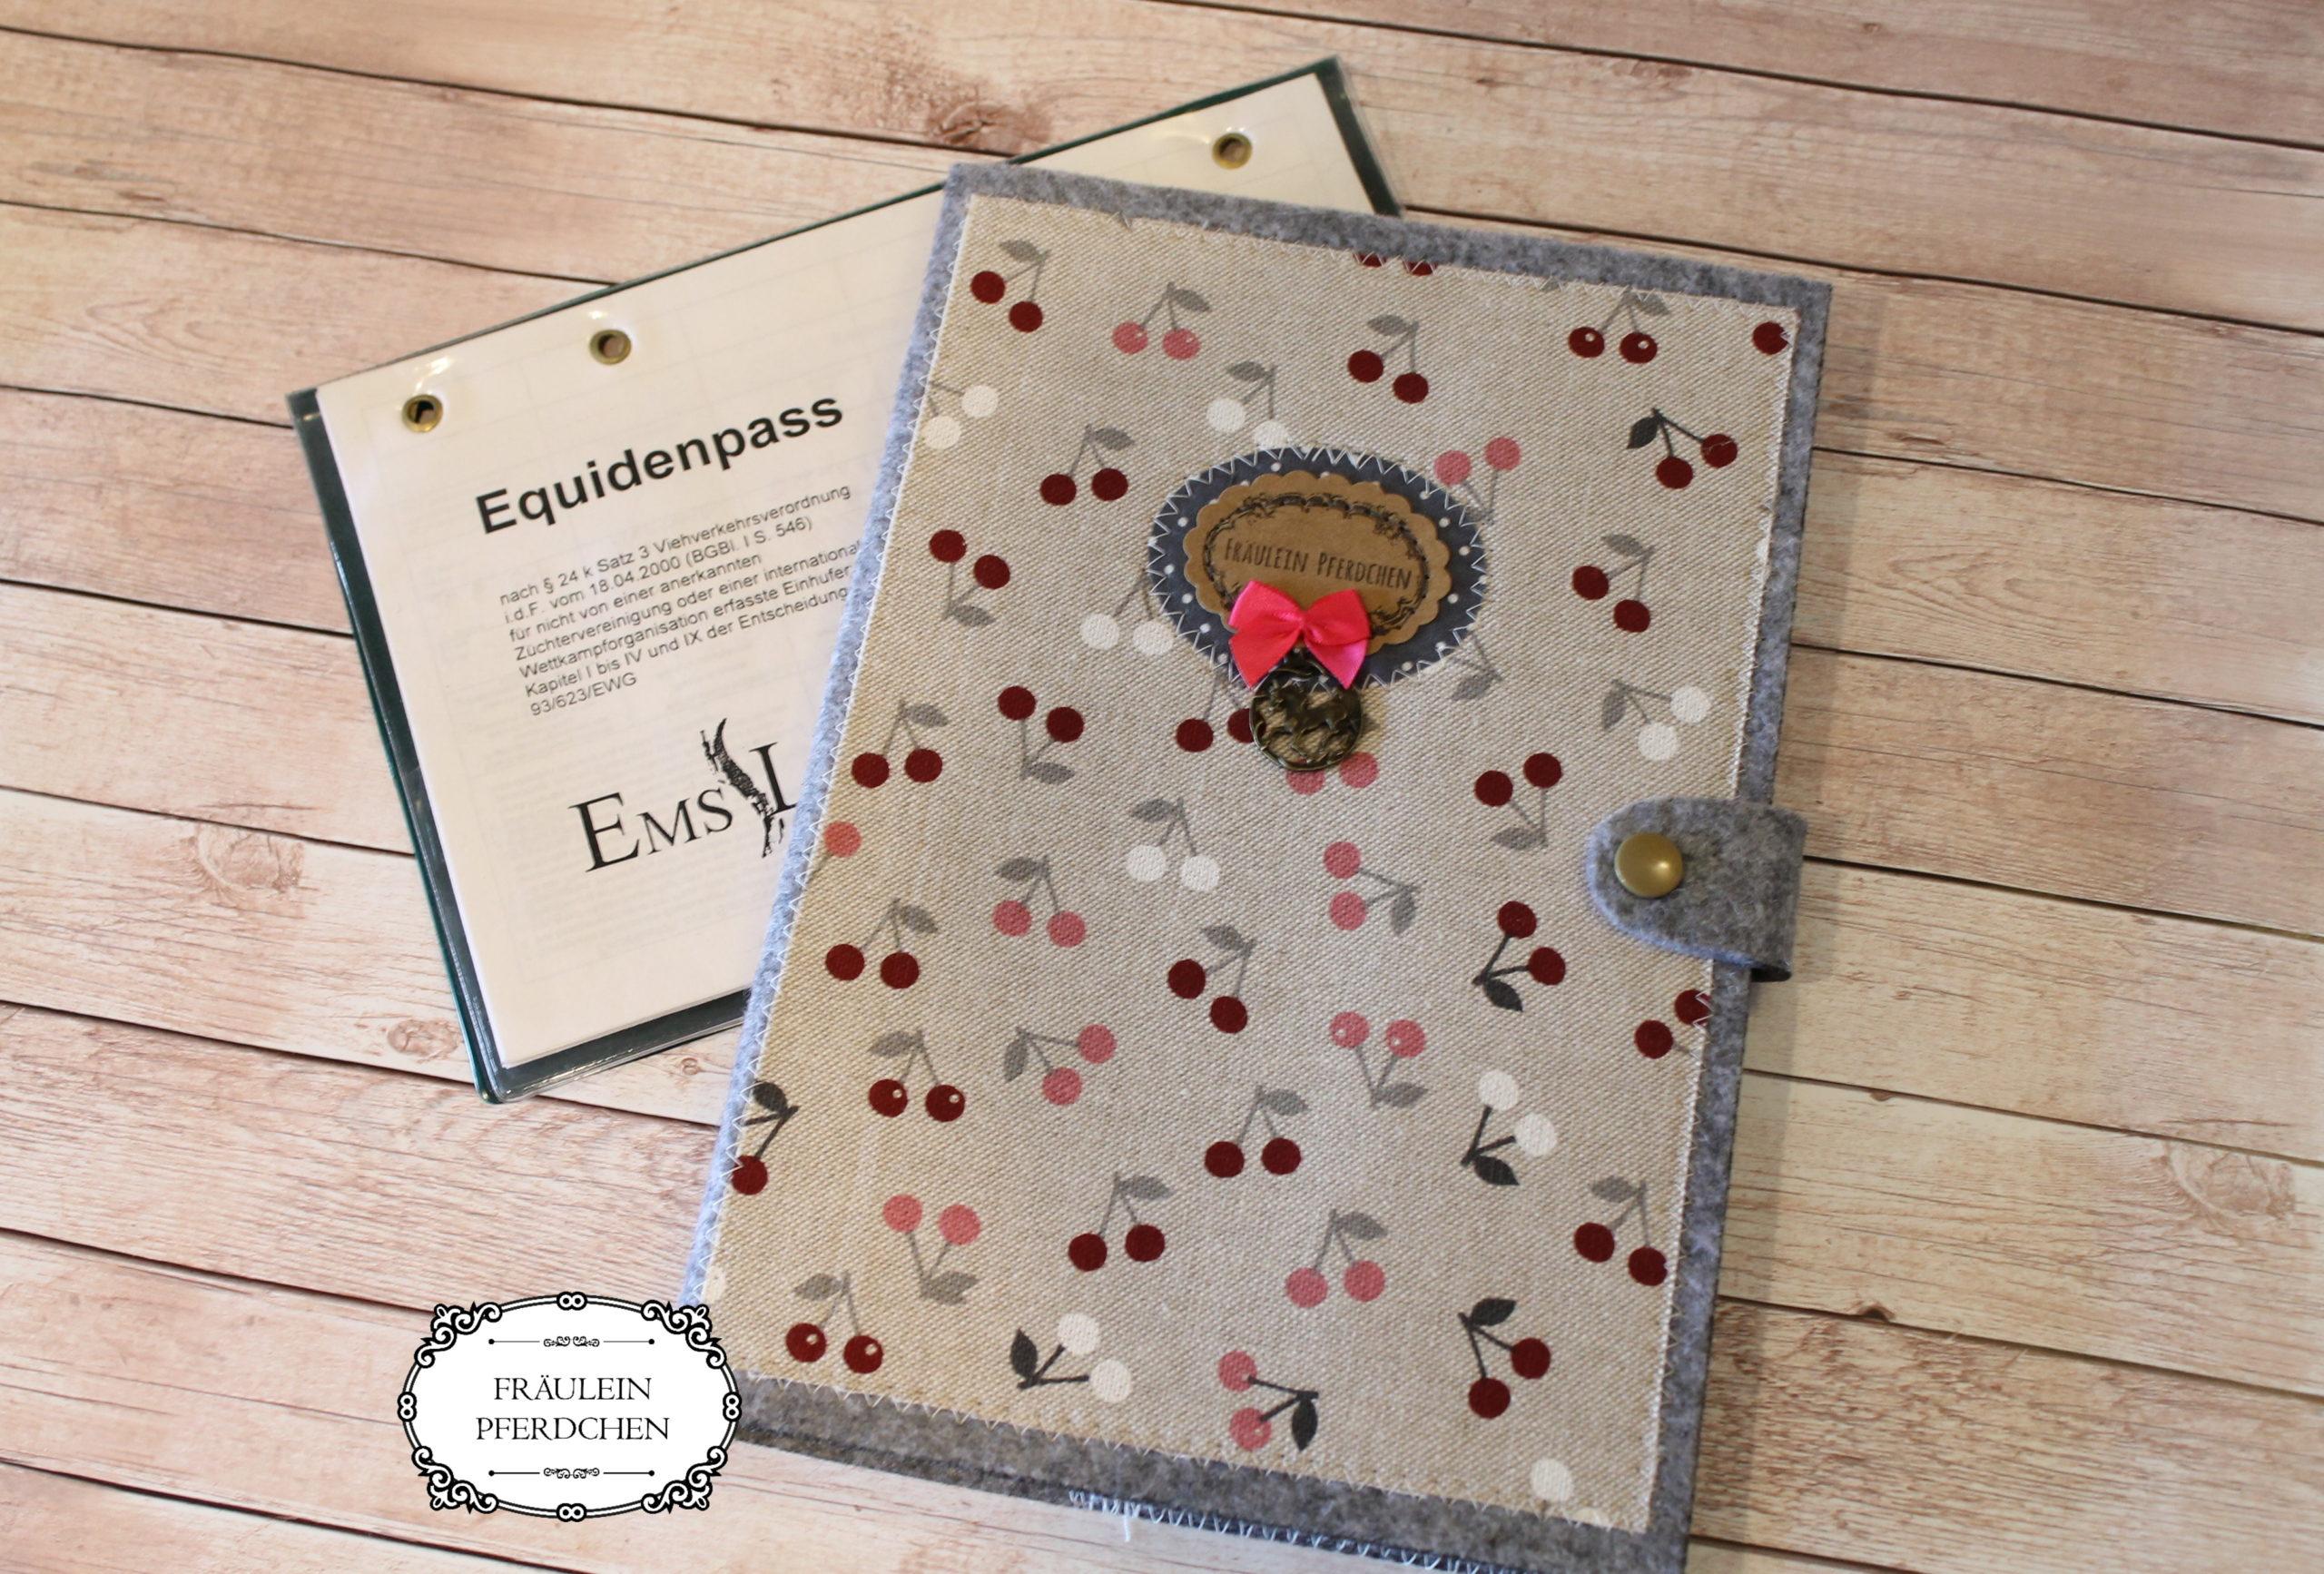 Hülle für Equidenpass – 100% mit Liebe handgemacht